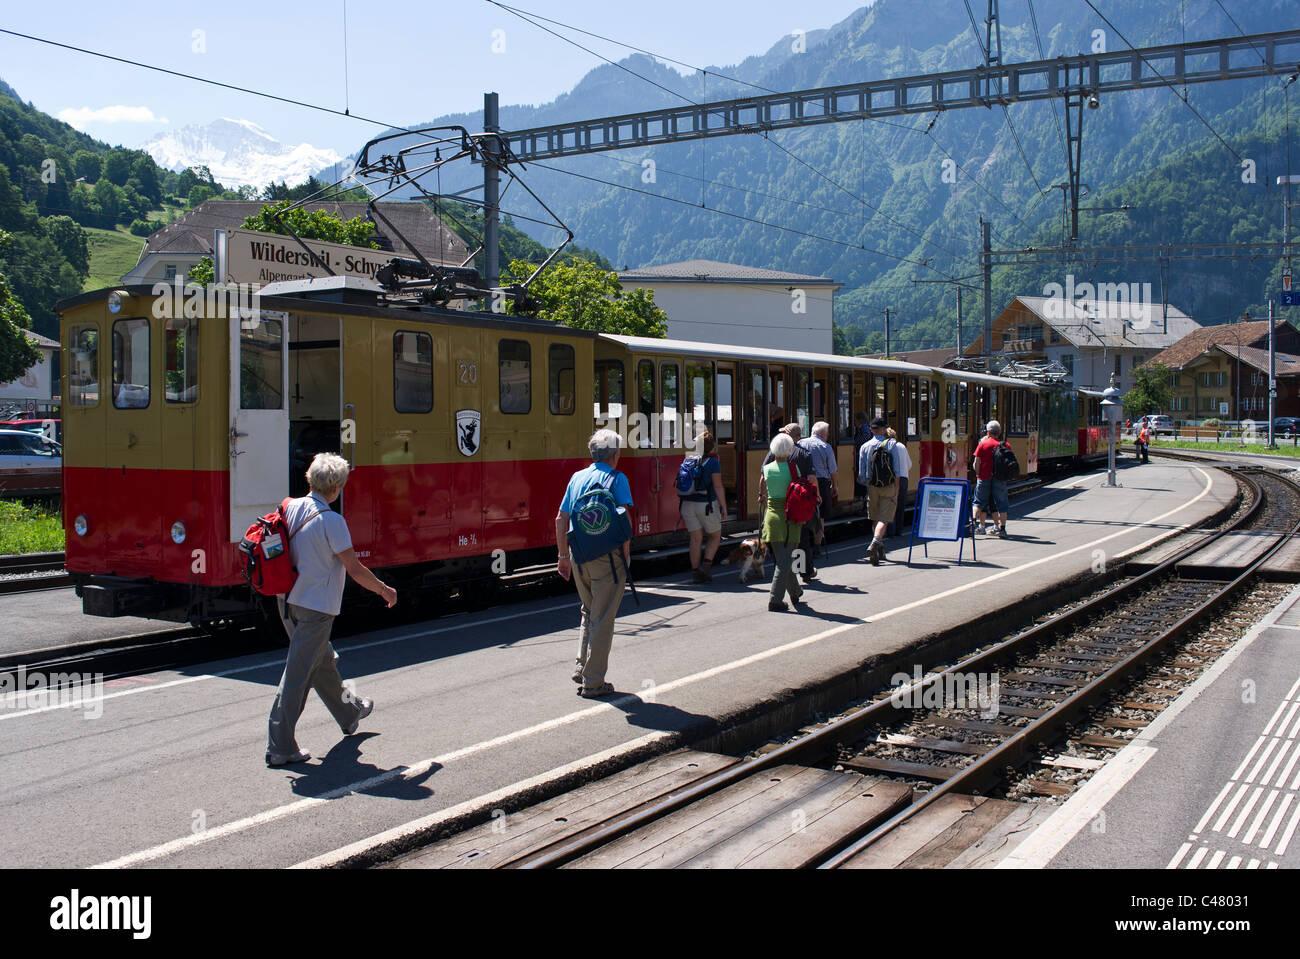 Englische Touristen Ein Zug Im Bahnhof Wilderswil In Der